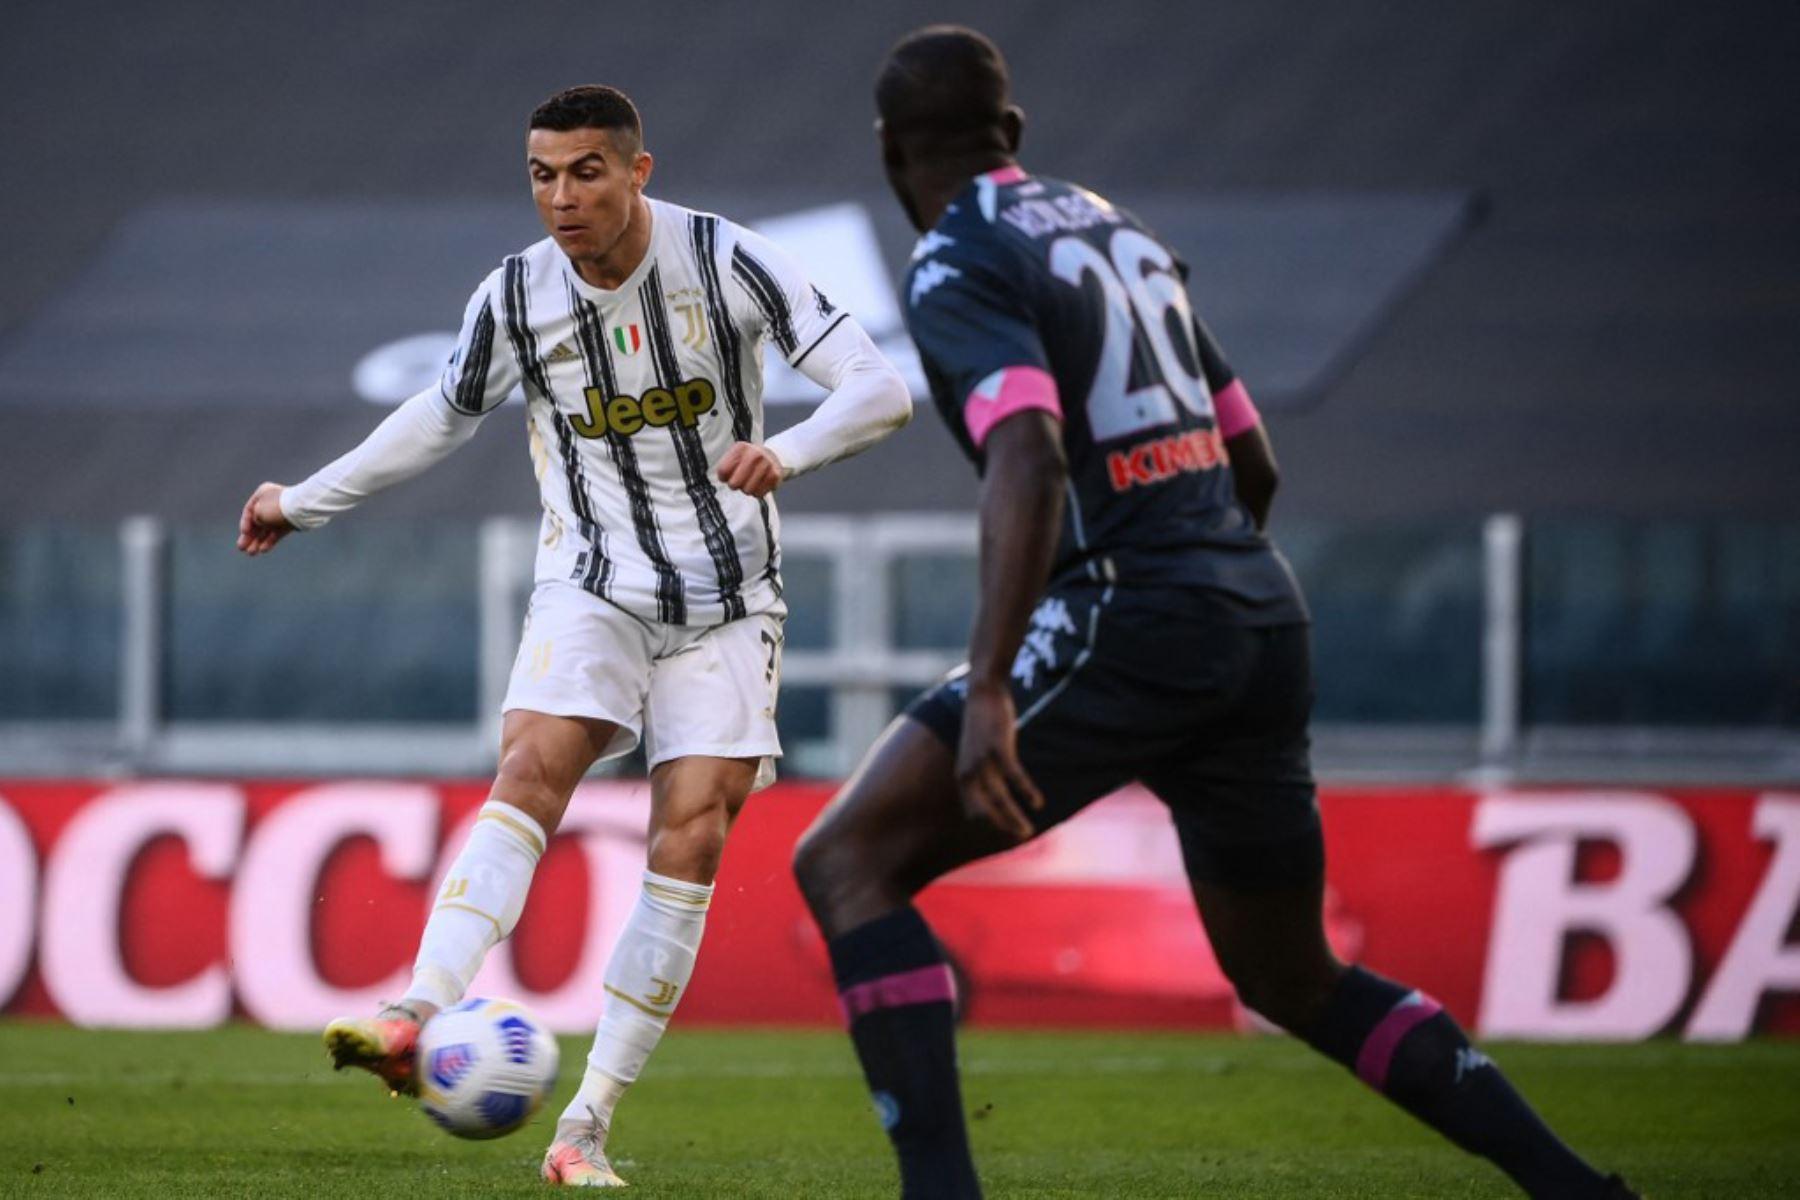 El delantero portugués de la Juventus, Cristiano Ronaldo, dispara para abrir el marcador durante el partido de fútbol de la Serie A italiana Juventus vs Napoli.  Foto: AFP